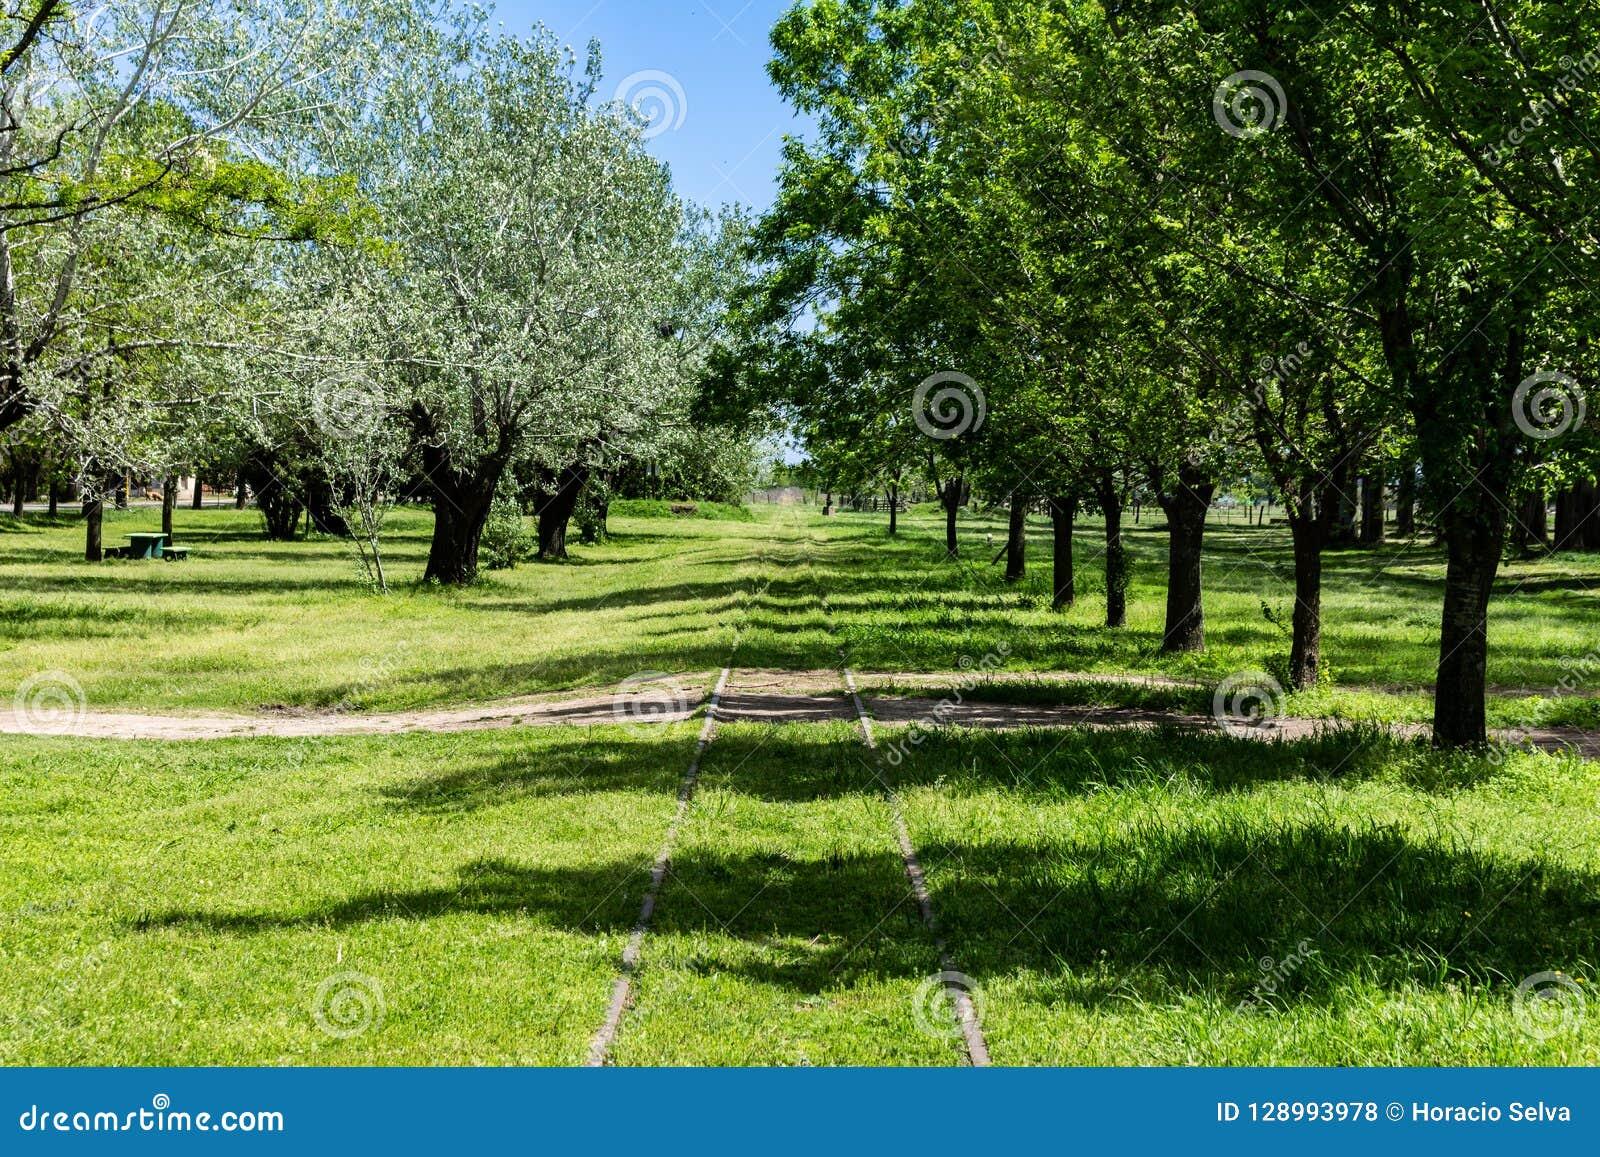 火车跟踪横渡树木繁茂的乡下